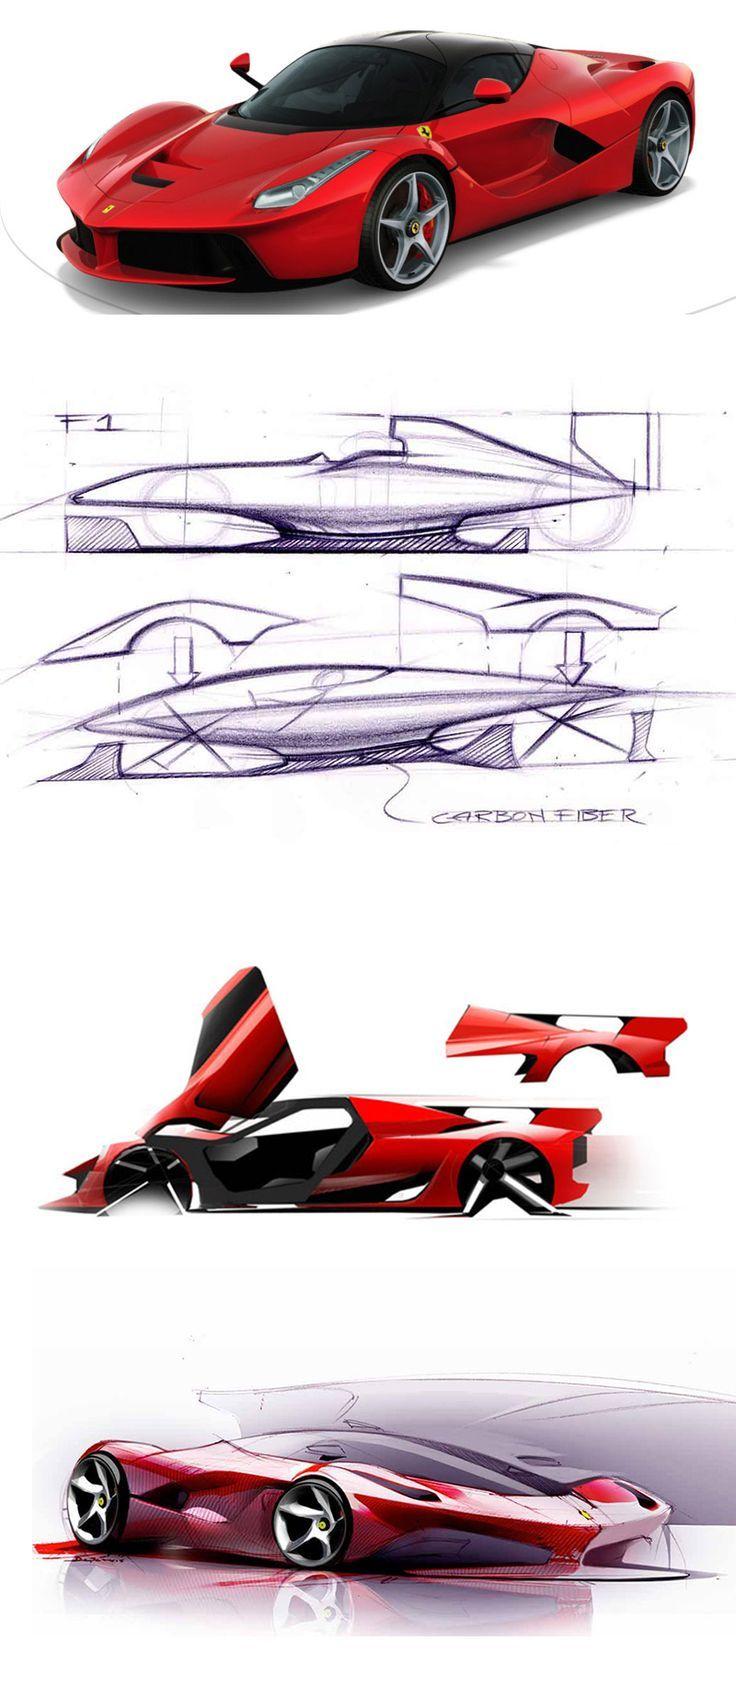 Dbab76ba904fca9ba76303d6491a9d5c Jpg 736 1698 Supercar Design Super Cars Car Sketch